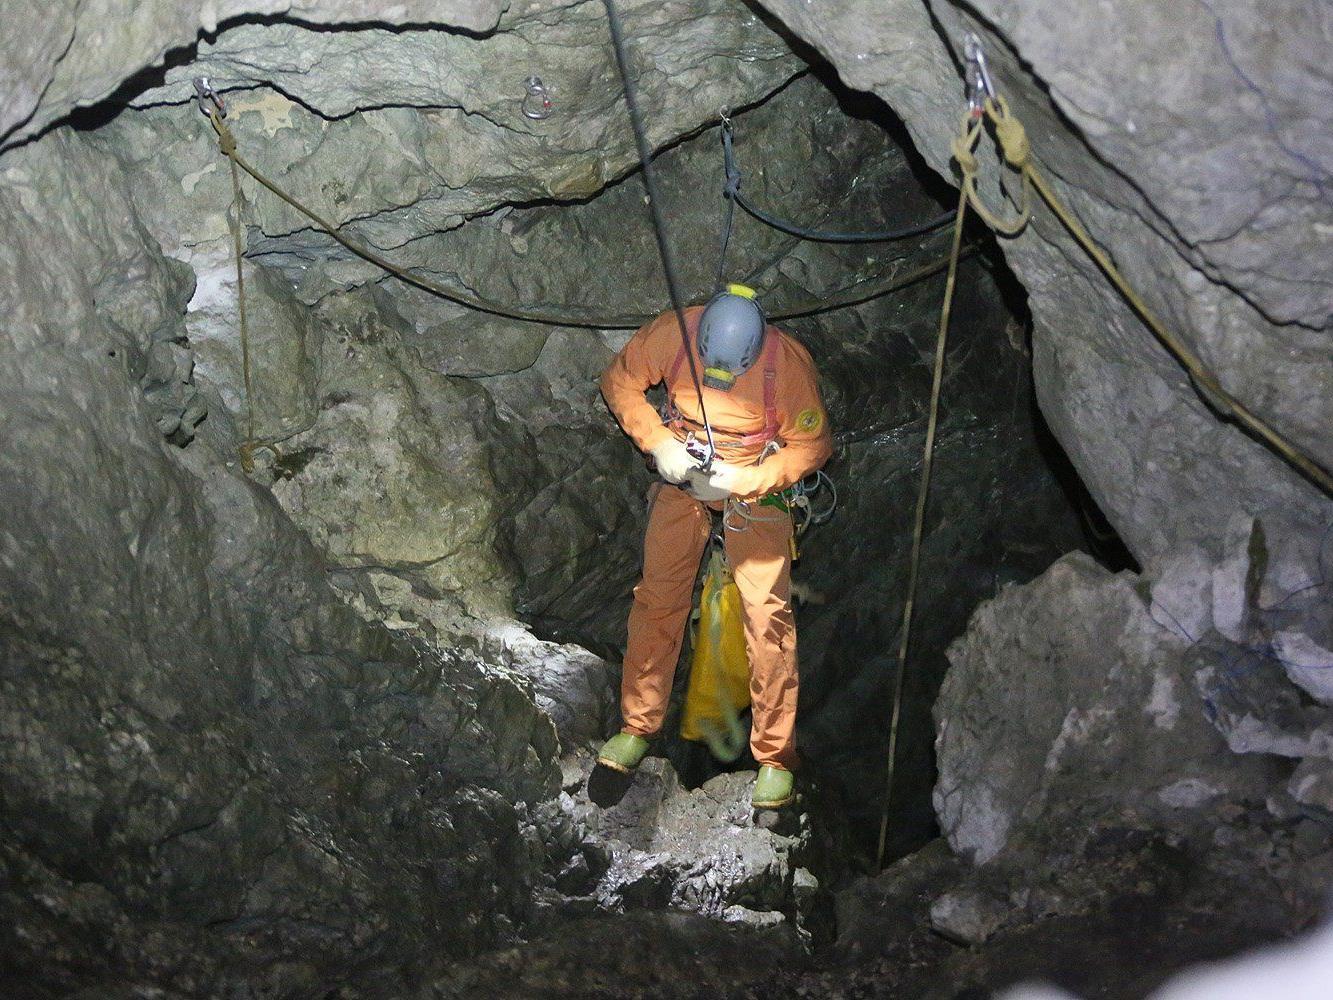 Der Salzburger Arzt, der am Rettungseinsatz im Untersberg beteiligt war, beschreibt die Lage als extrem.